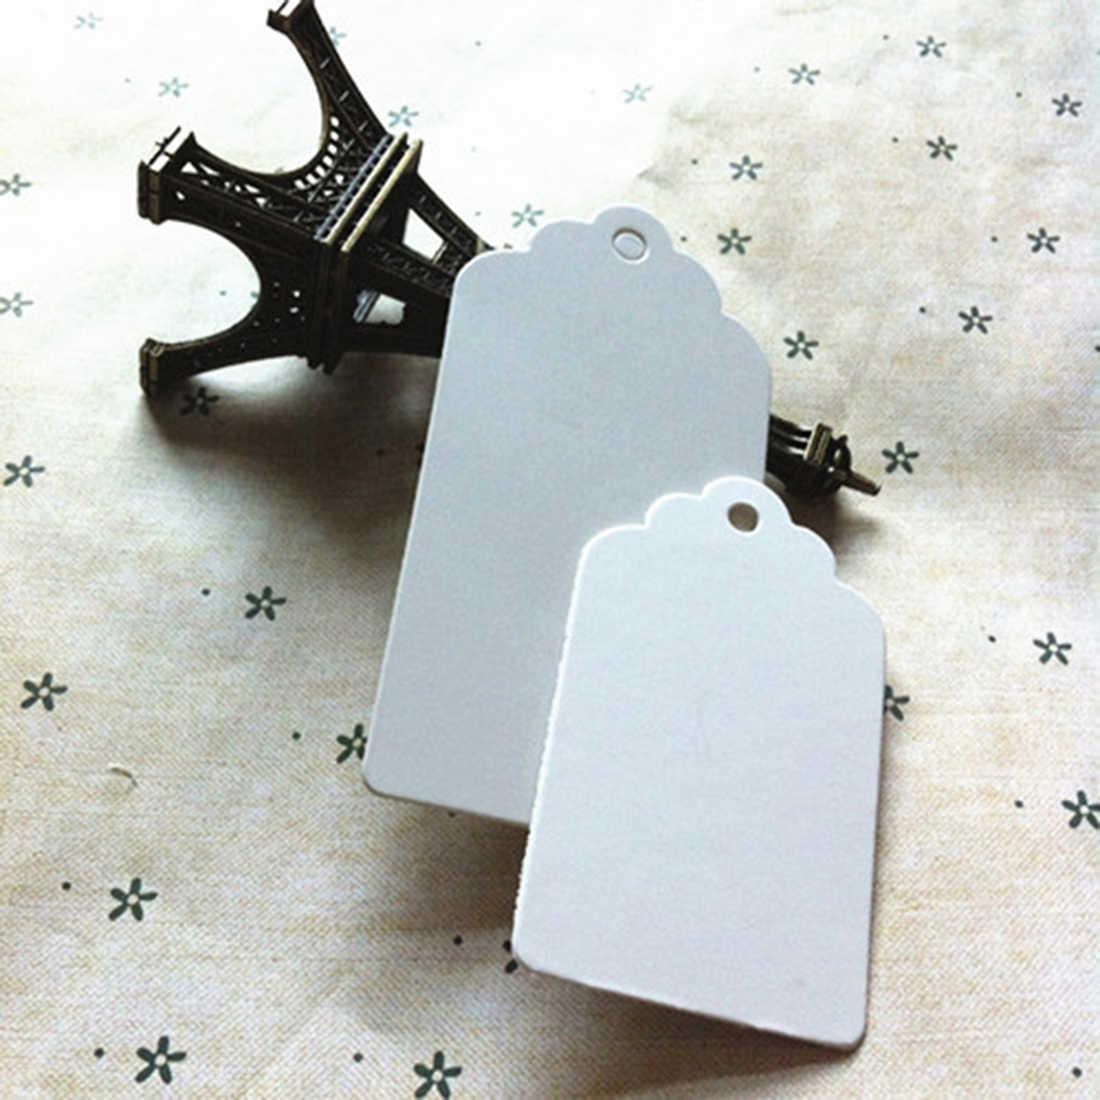 กระดาษสีขาวเสื้อแขวนป้ายงานแต่งงานฉลากบัตรของขวัญด้านบนPapularที่มีประโยชน์DIYน่ารักชอบ5*5เซนติเมตร10ชิ้น